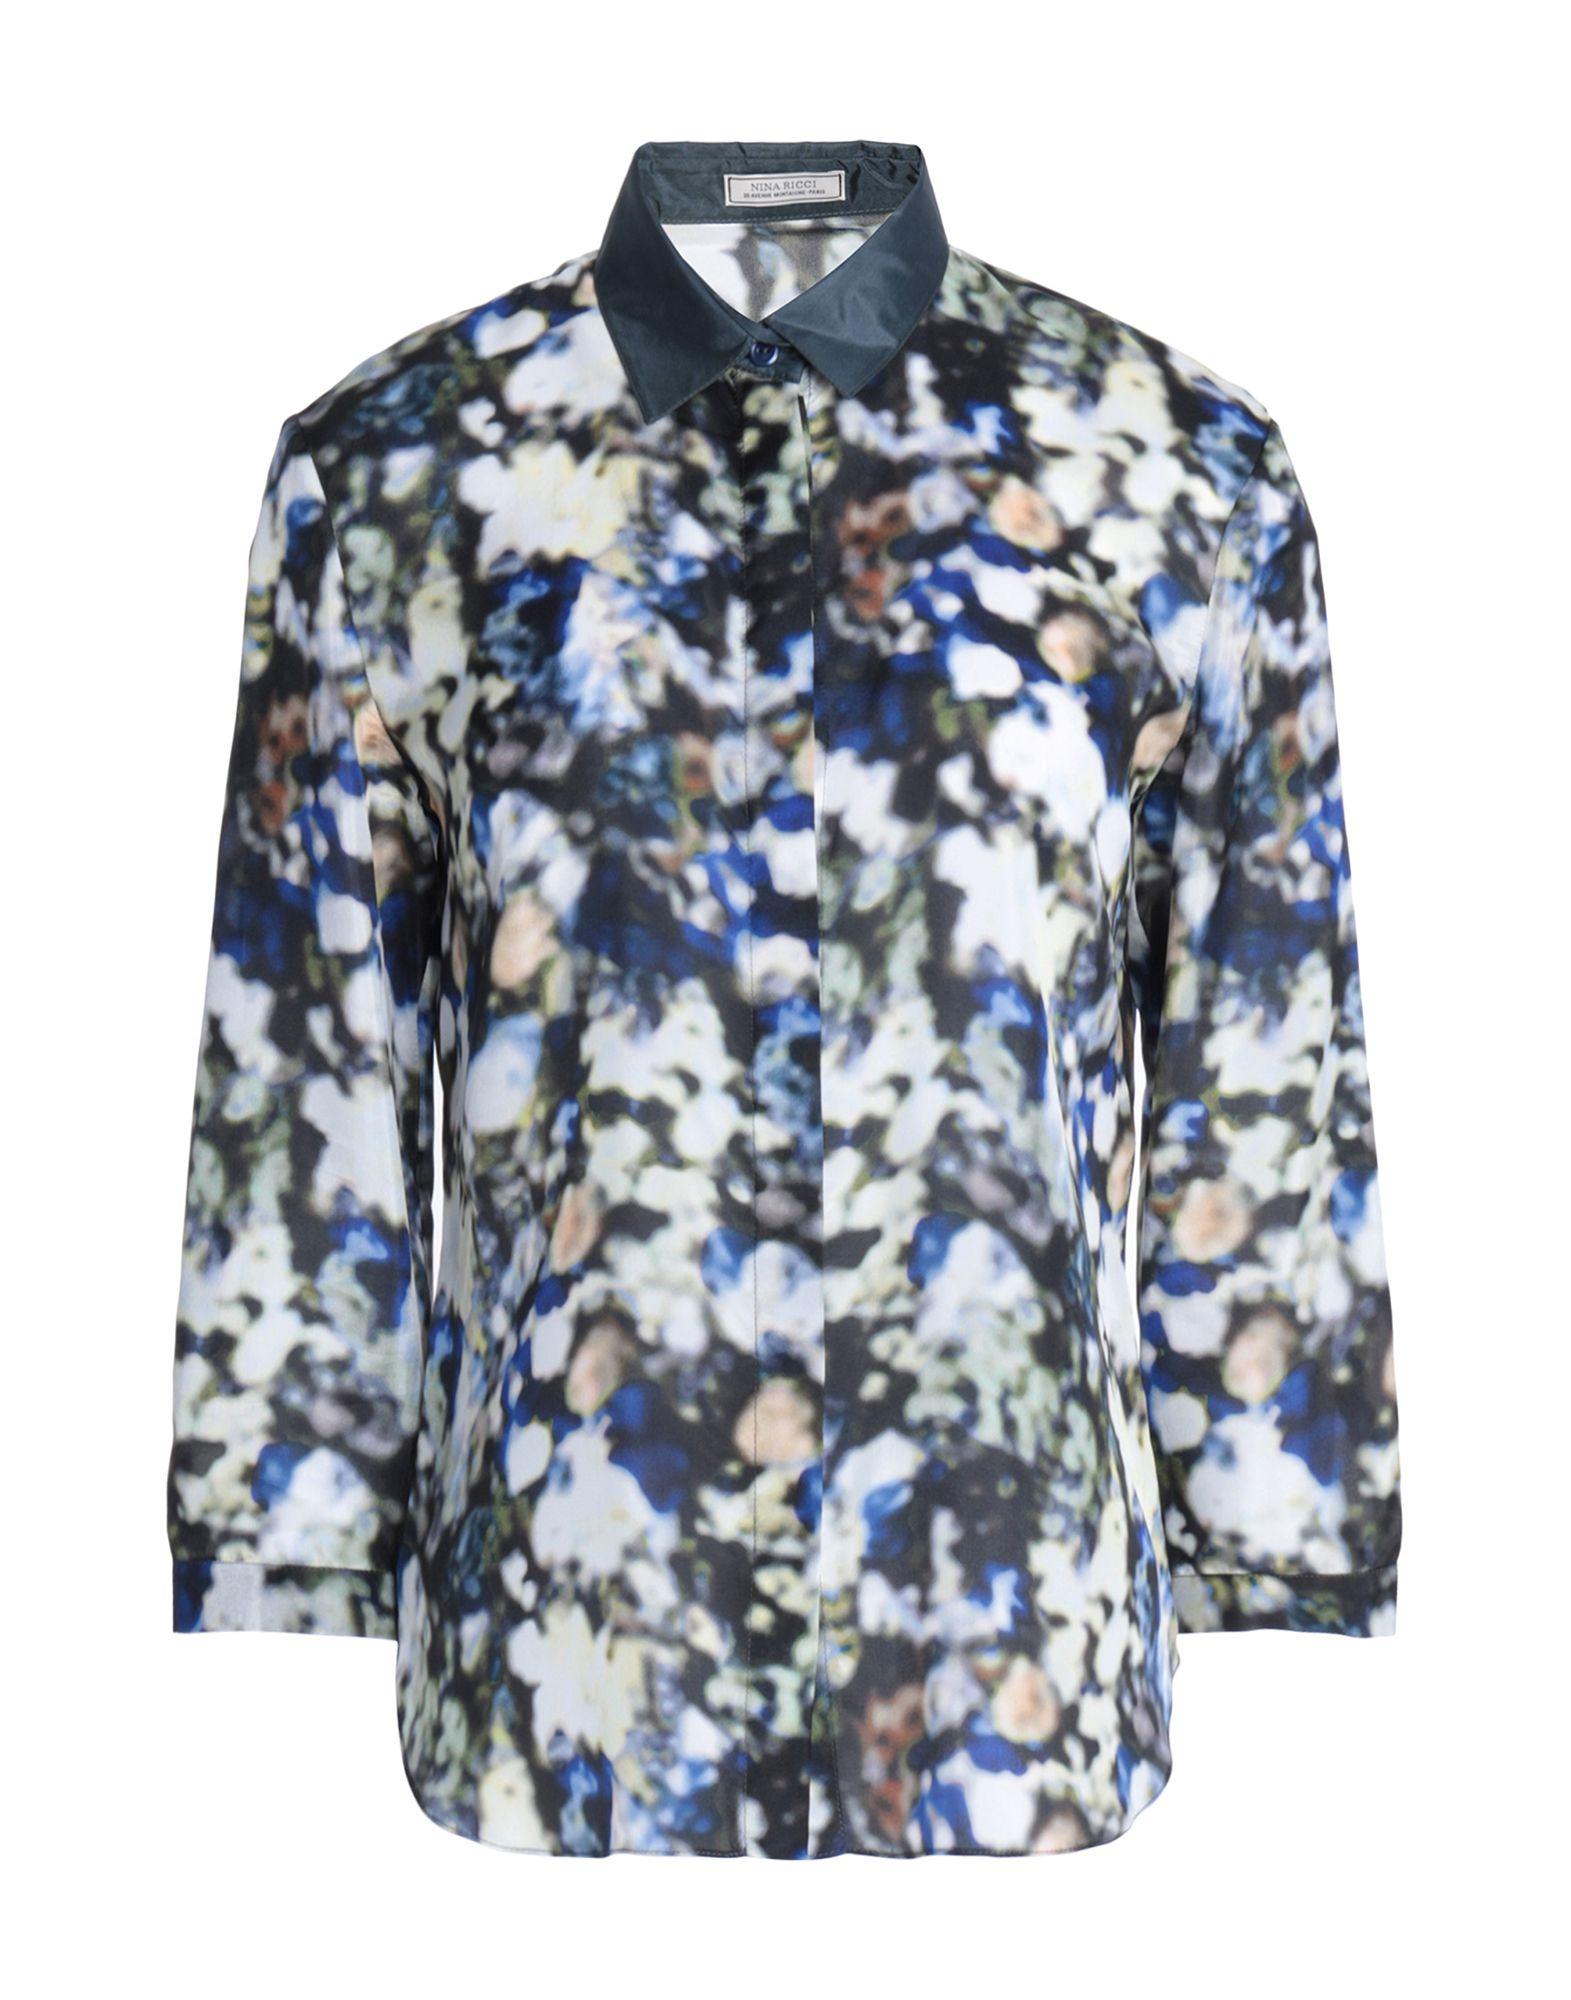 e52f985e92ac Camisas Y Blusas De Seda Nina Ricci Mujer - Camisas Y Blusas De Seda ...